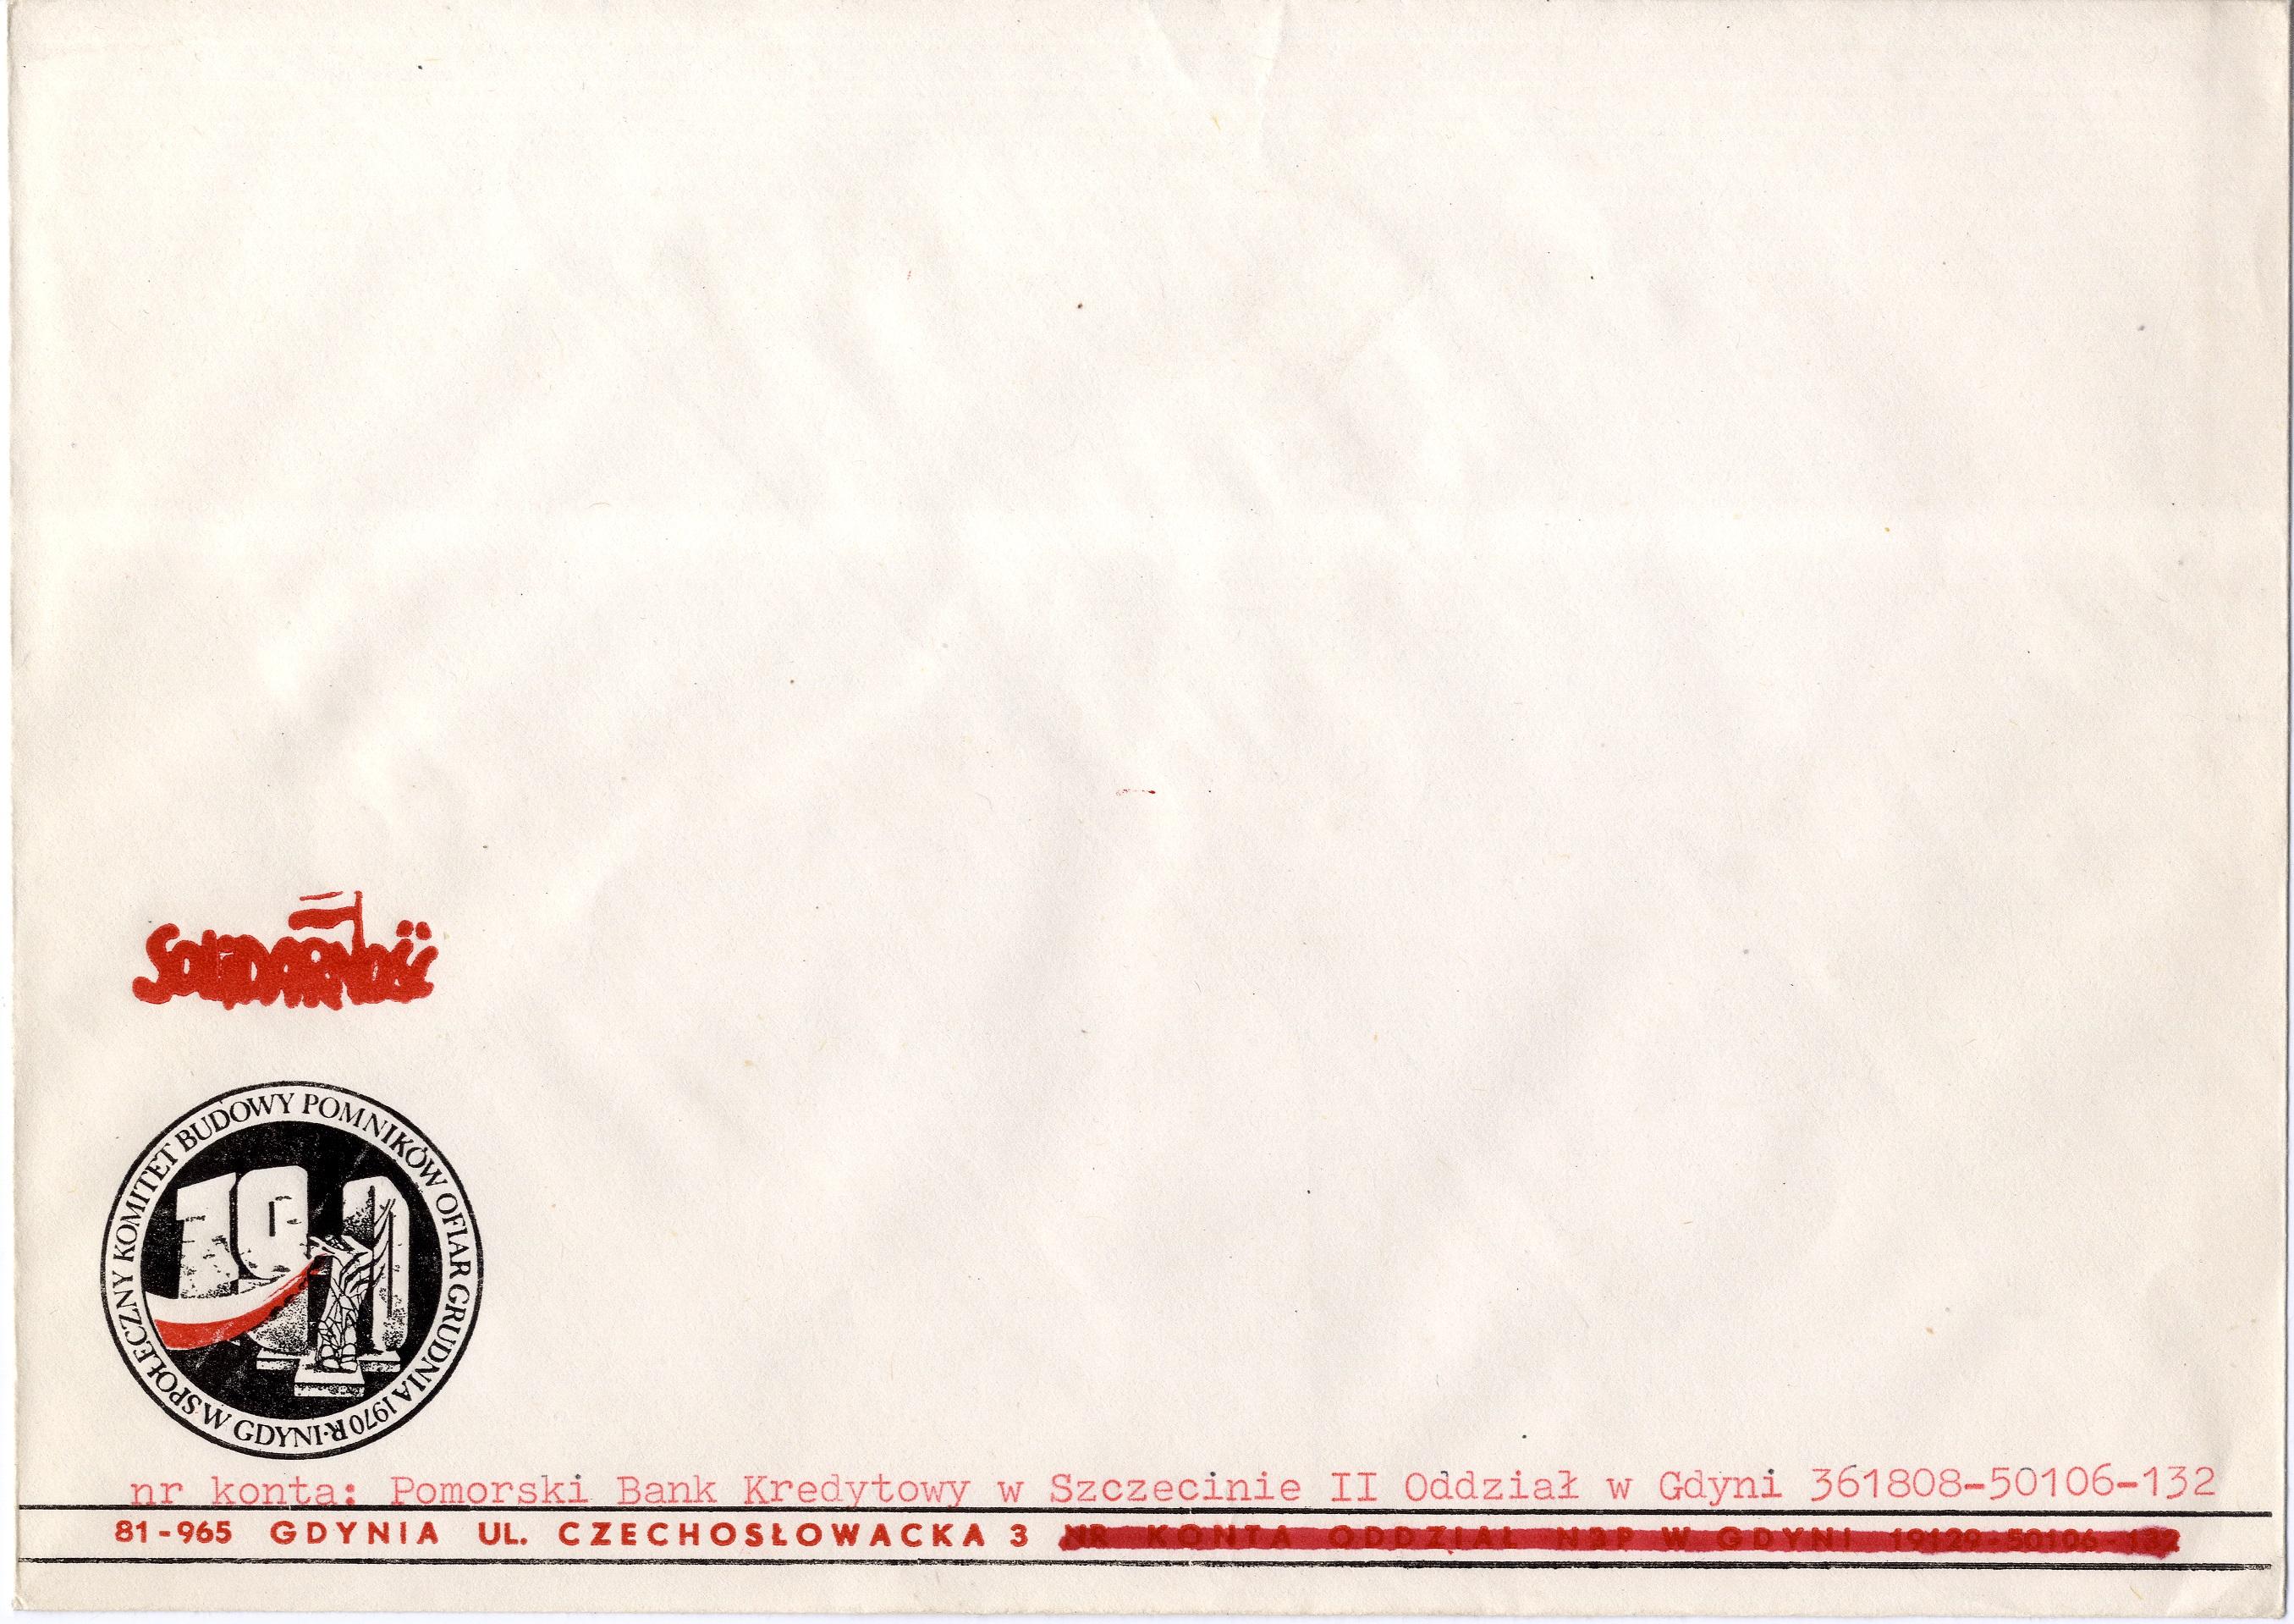 AKKS 347-030-105 - 006